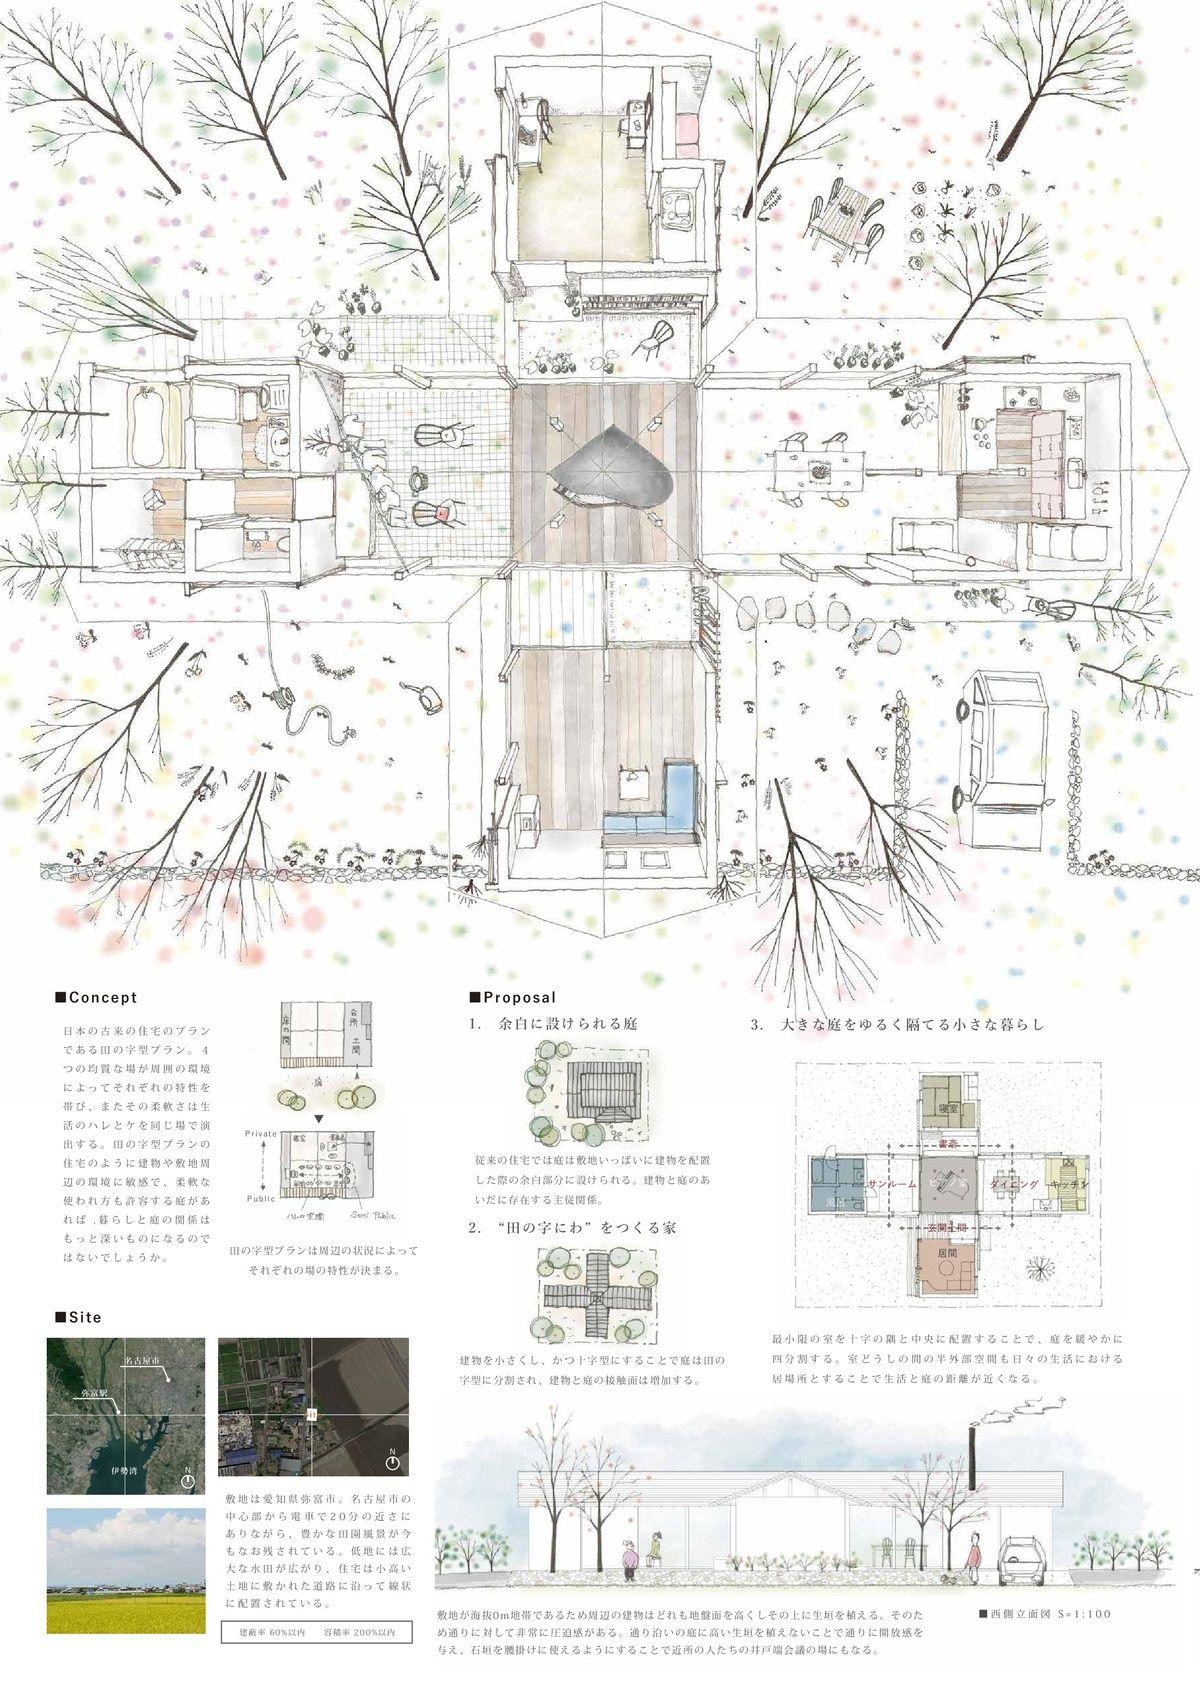 受賞作品 木の家設計グランプリ 建築コンペ 建築パース 建築スケッチ